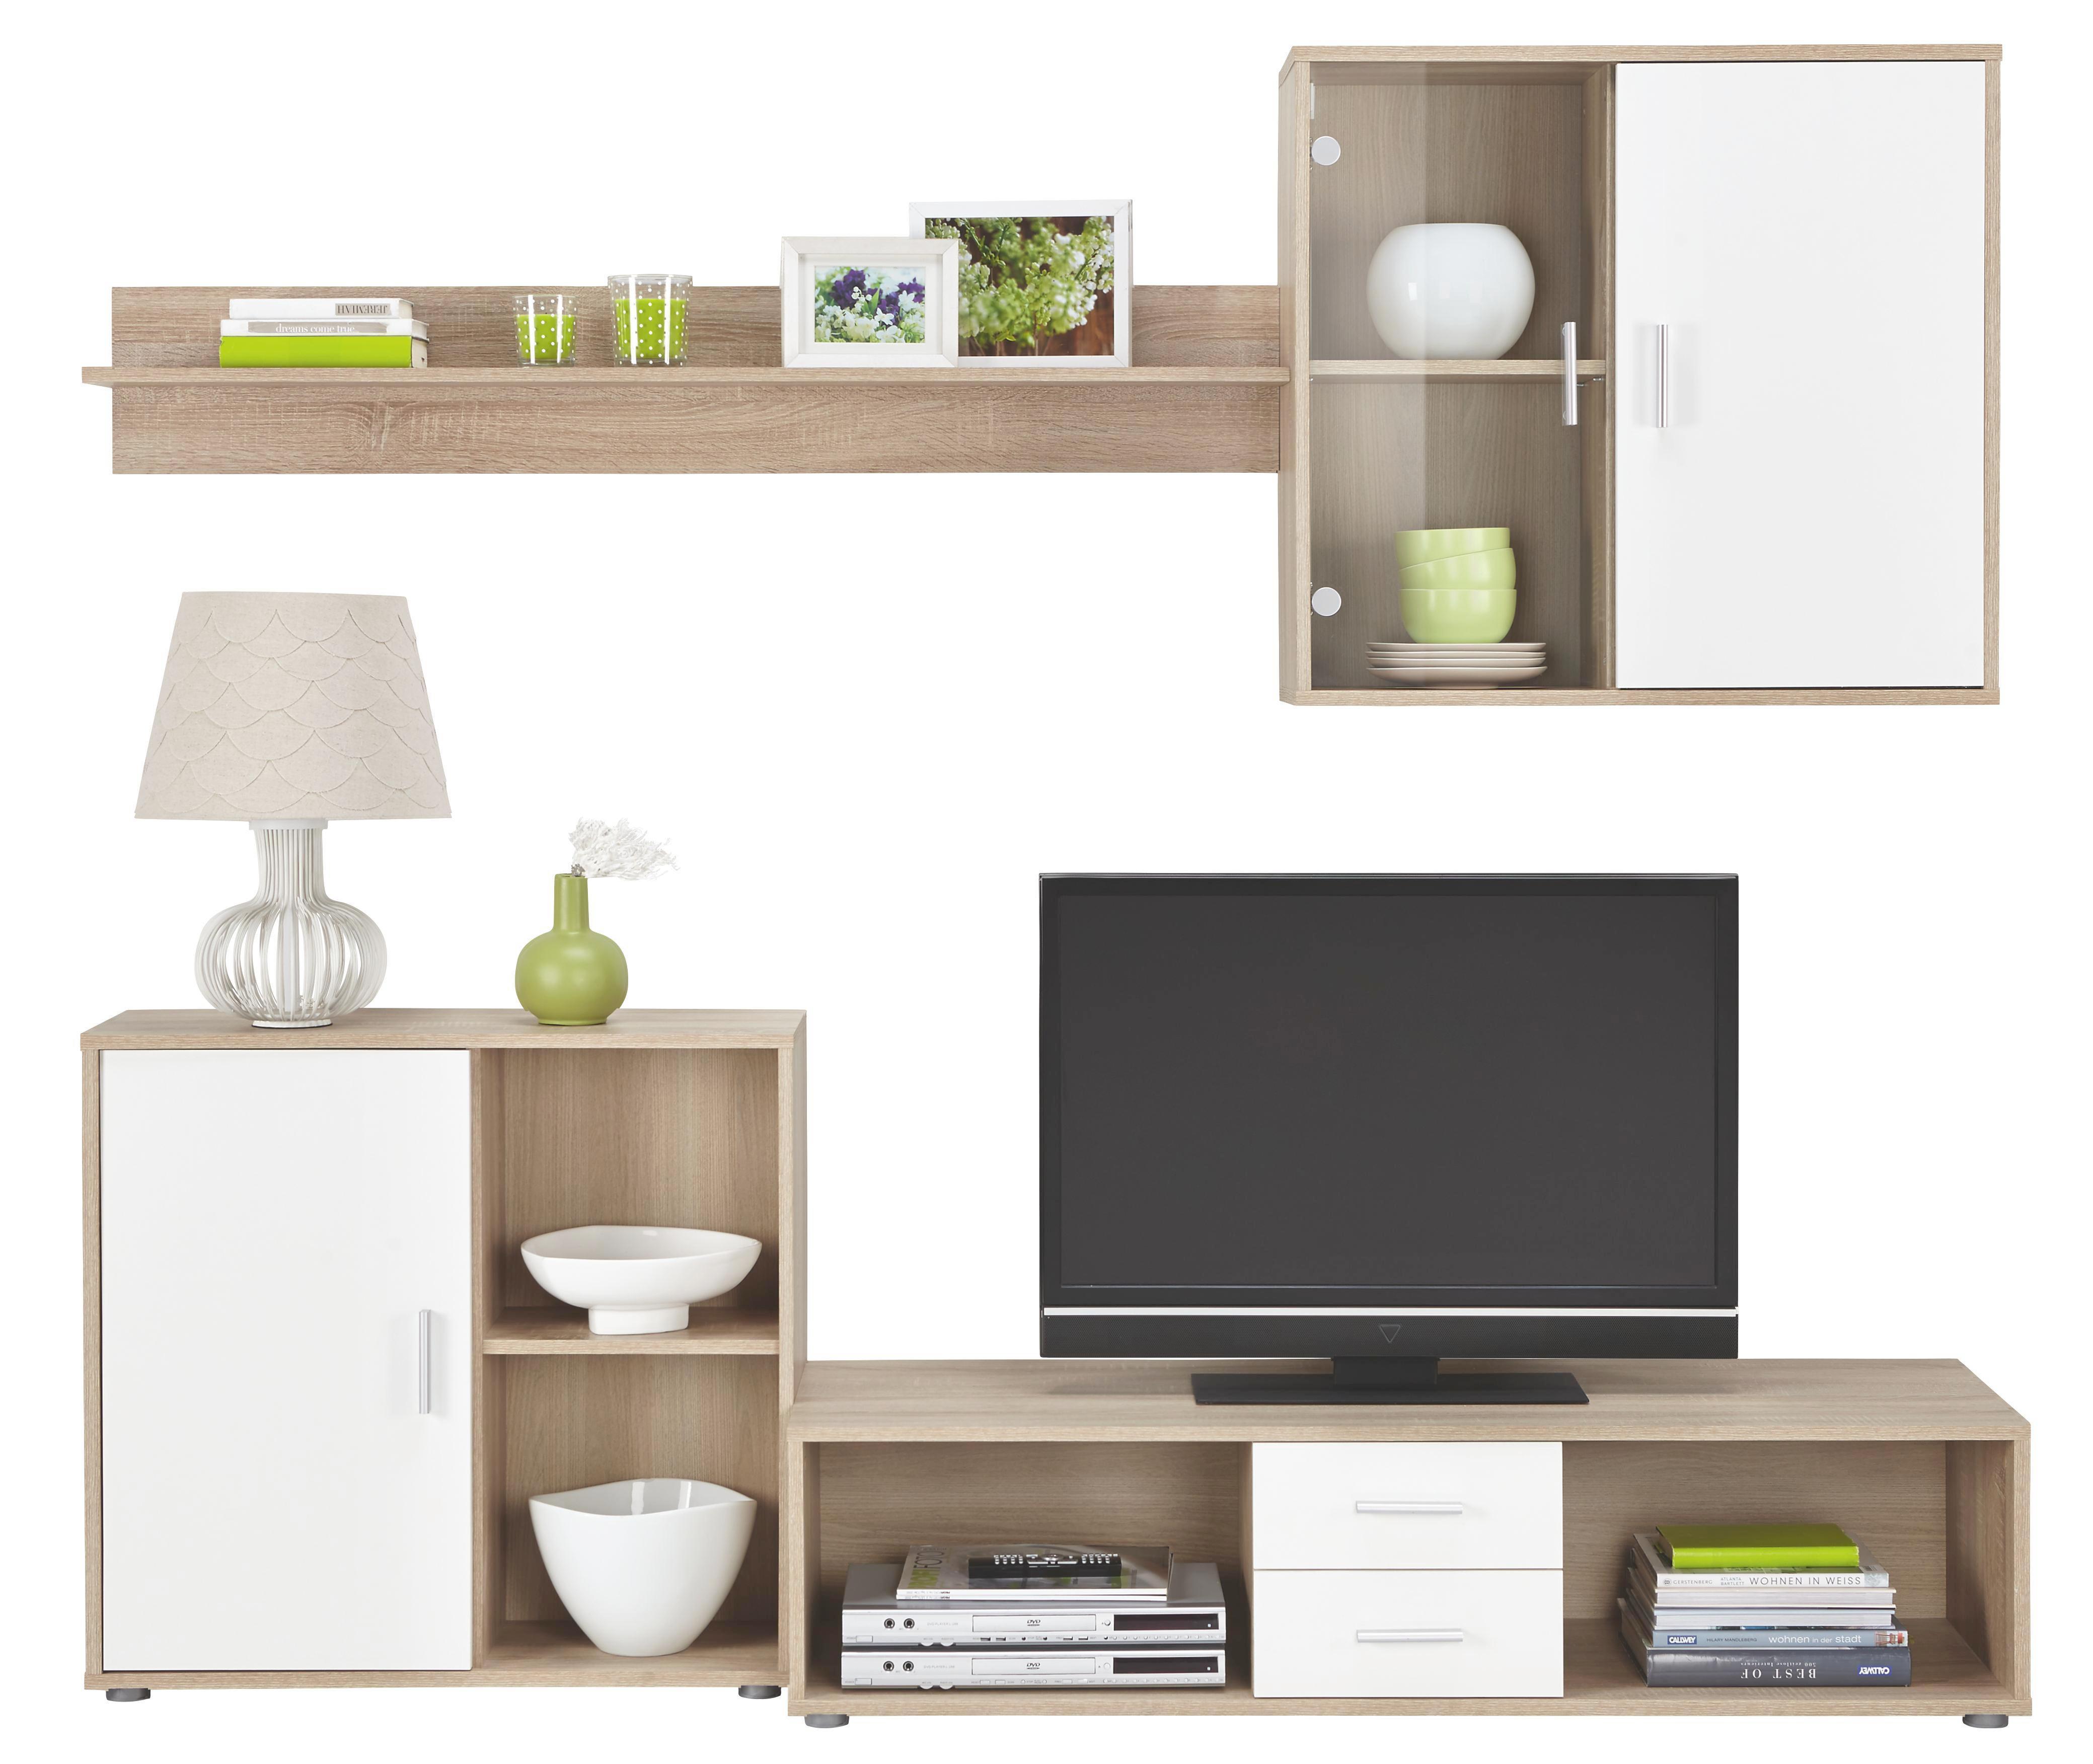 Wohnwand holz weiß  Wohnwand in Weiß/Eiche online kaufen ➤ mömax